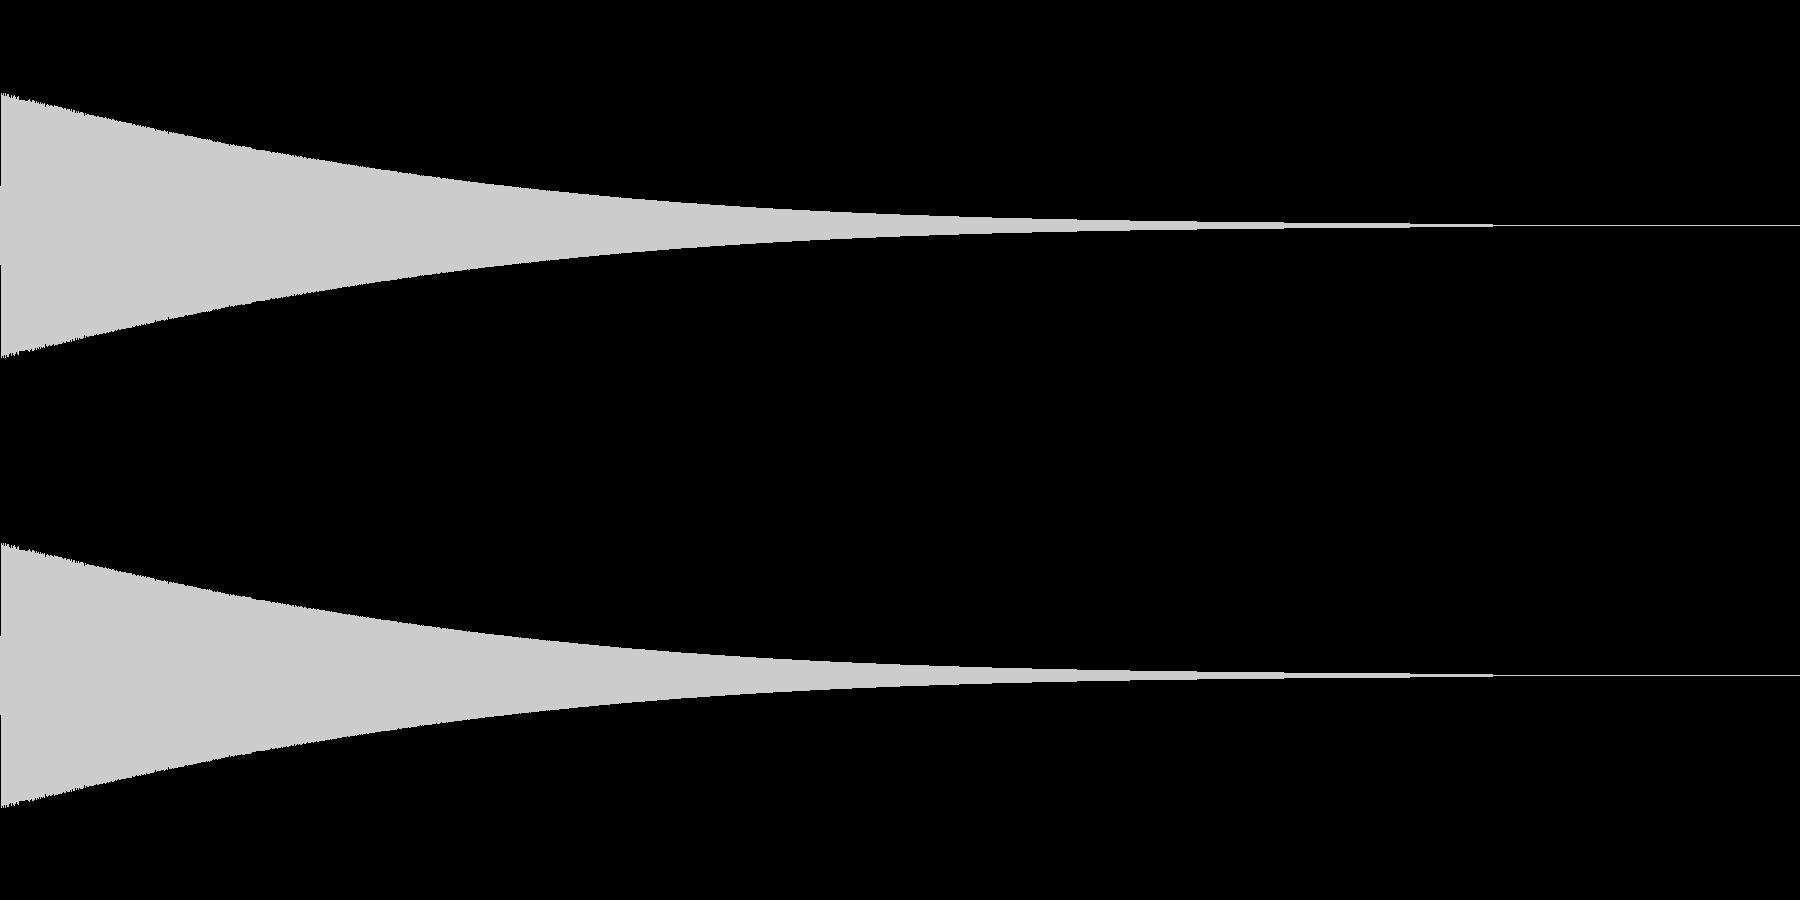 ピーパー(ファミコン/鳴き声/サイレンの未再生の波形